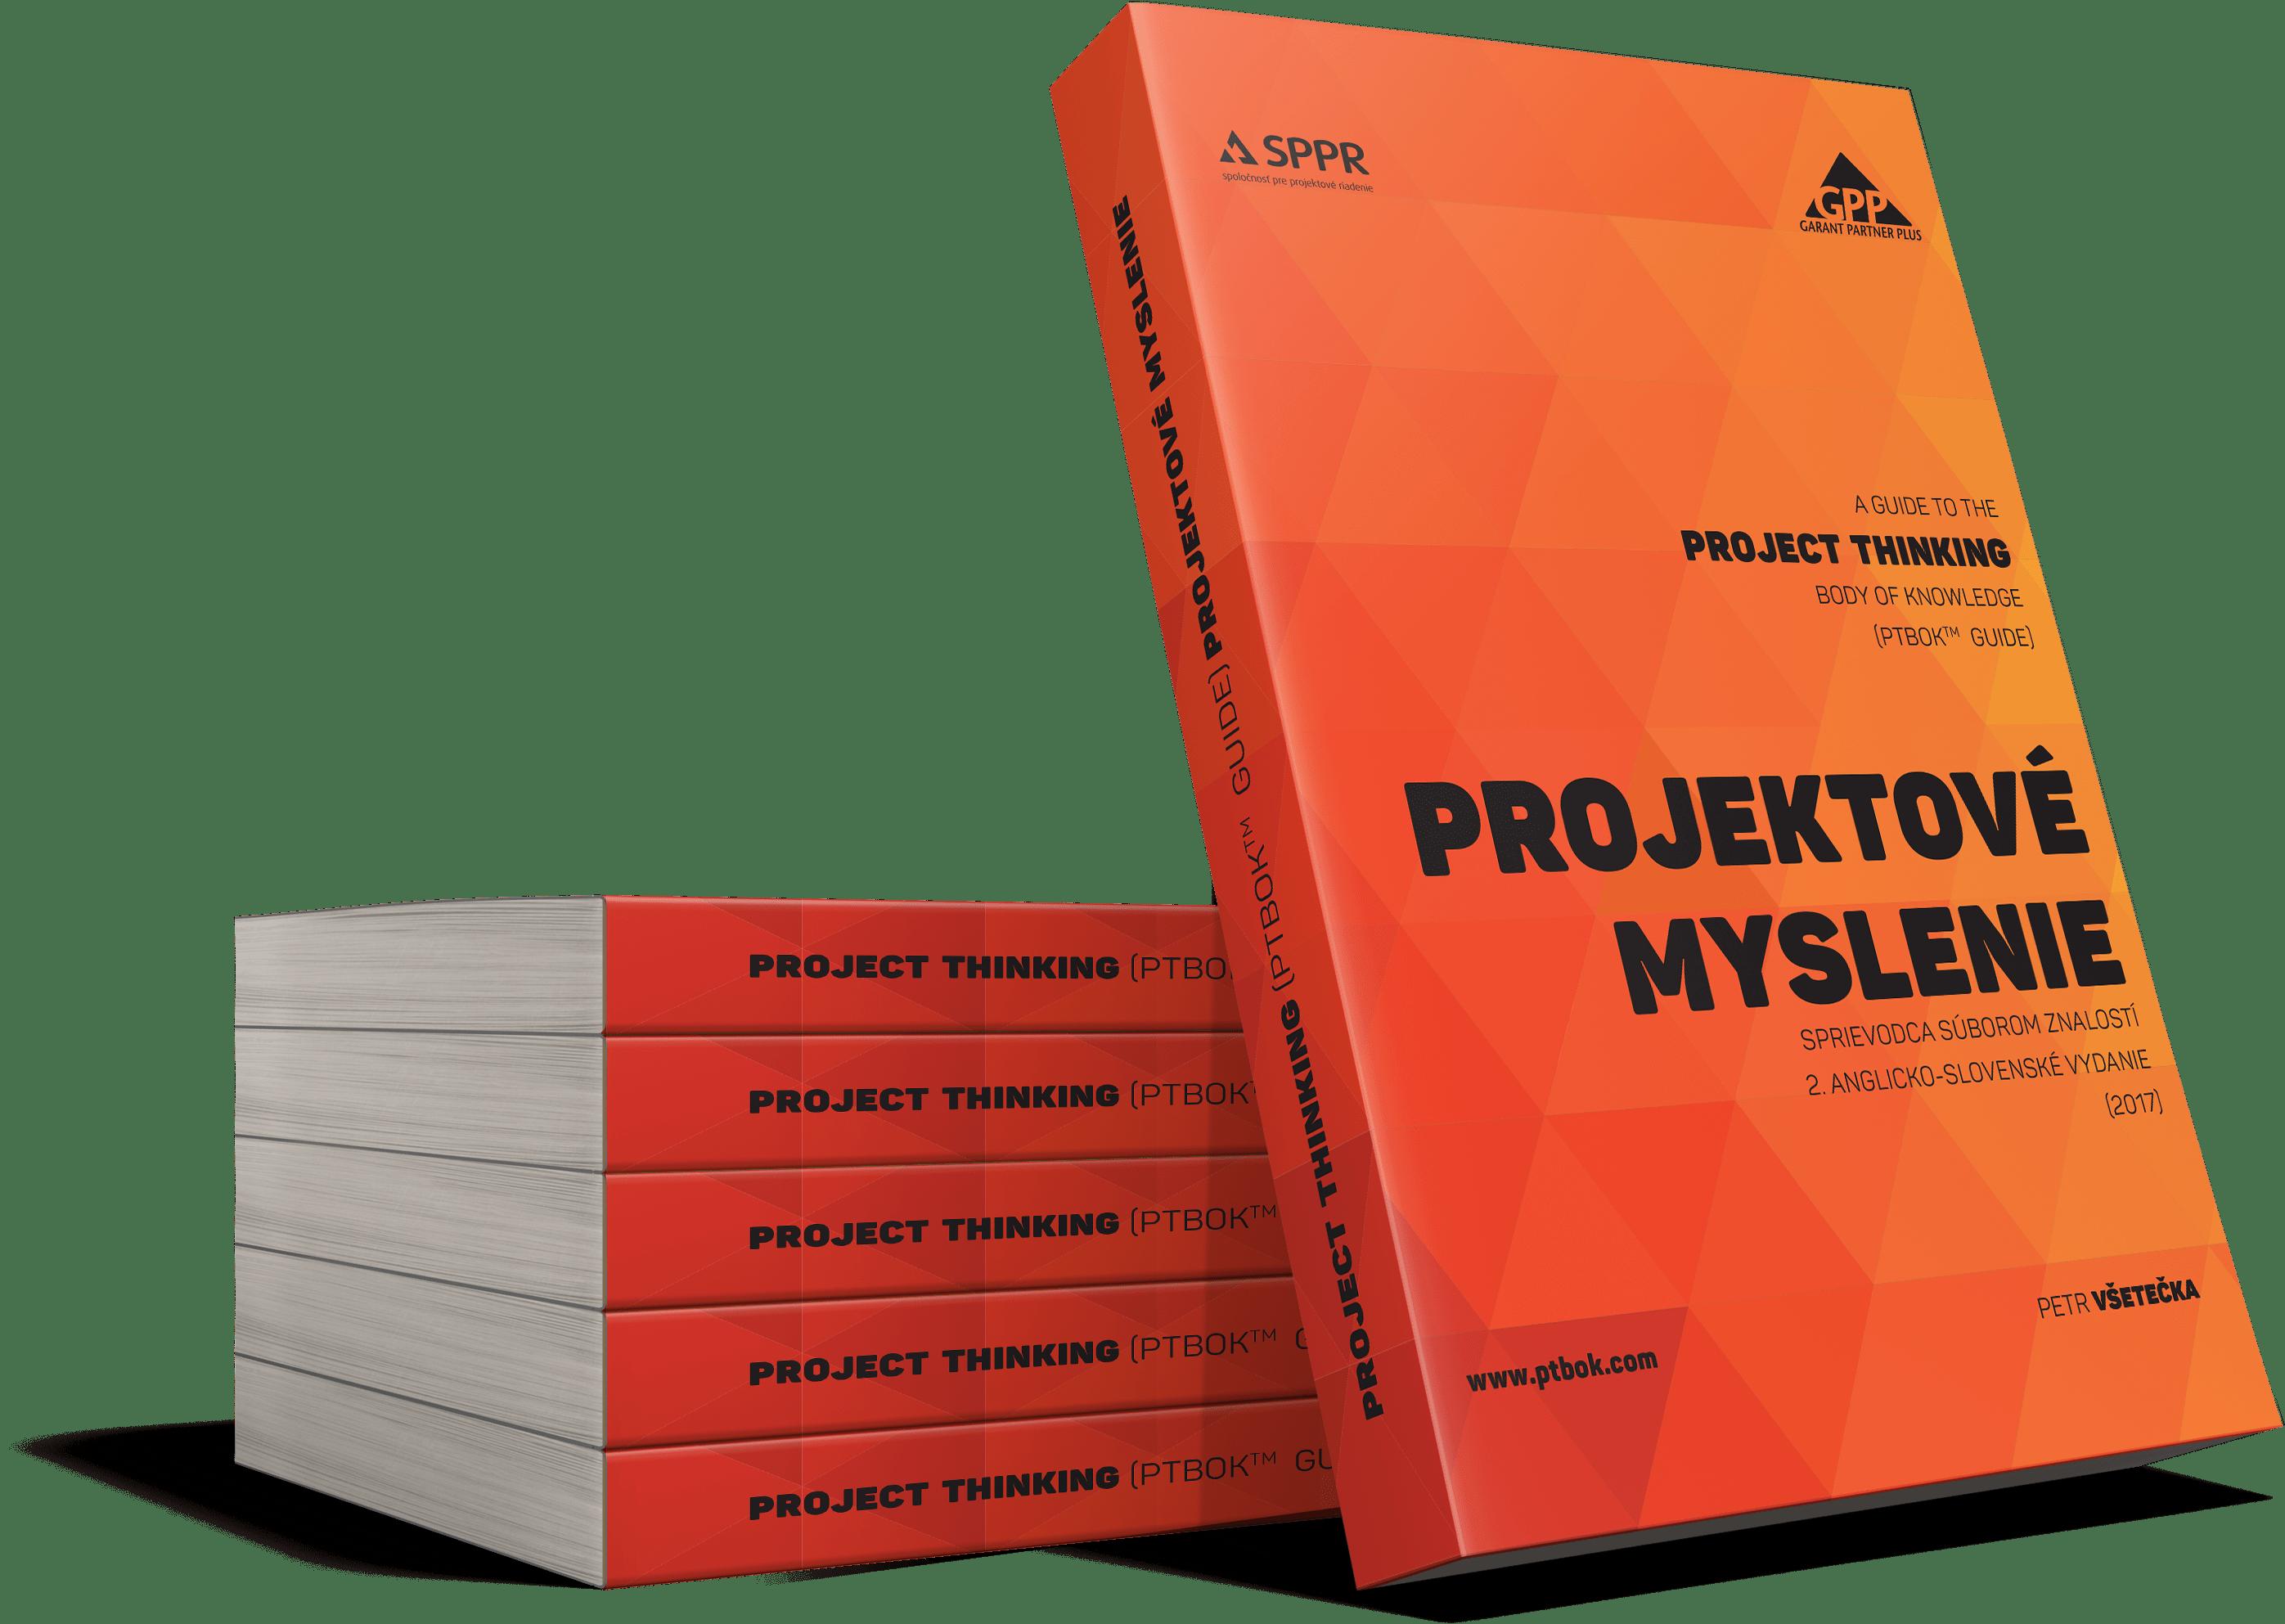 projektove myslenie